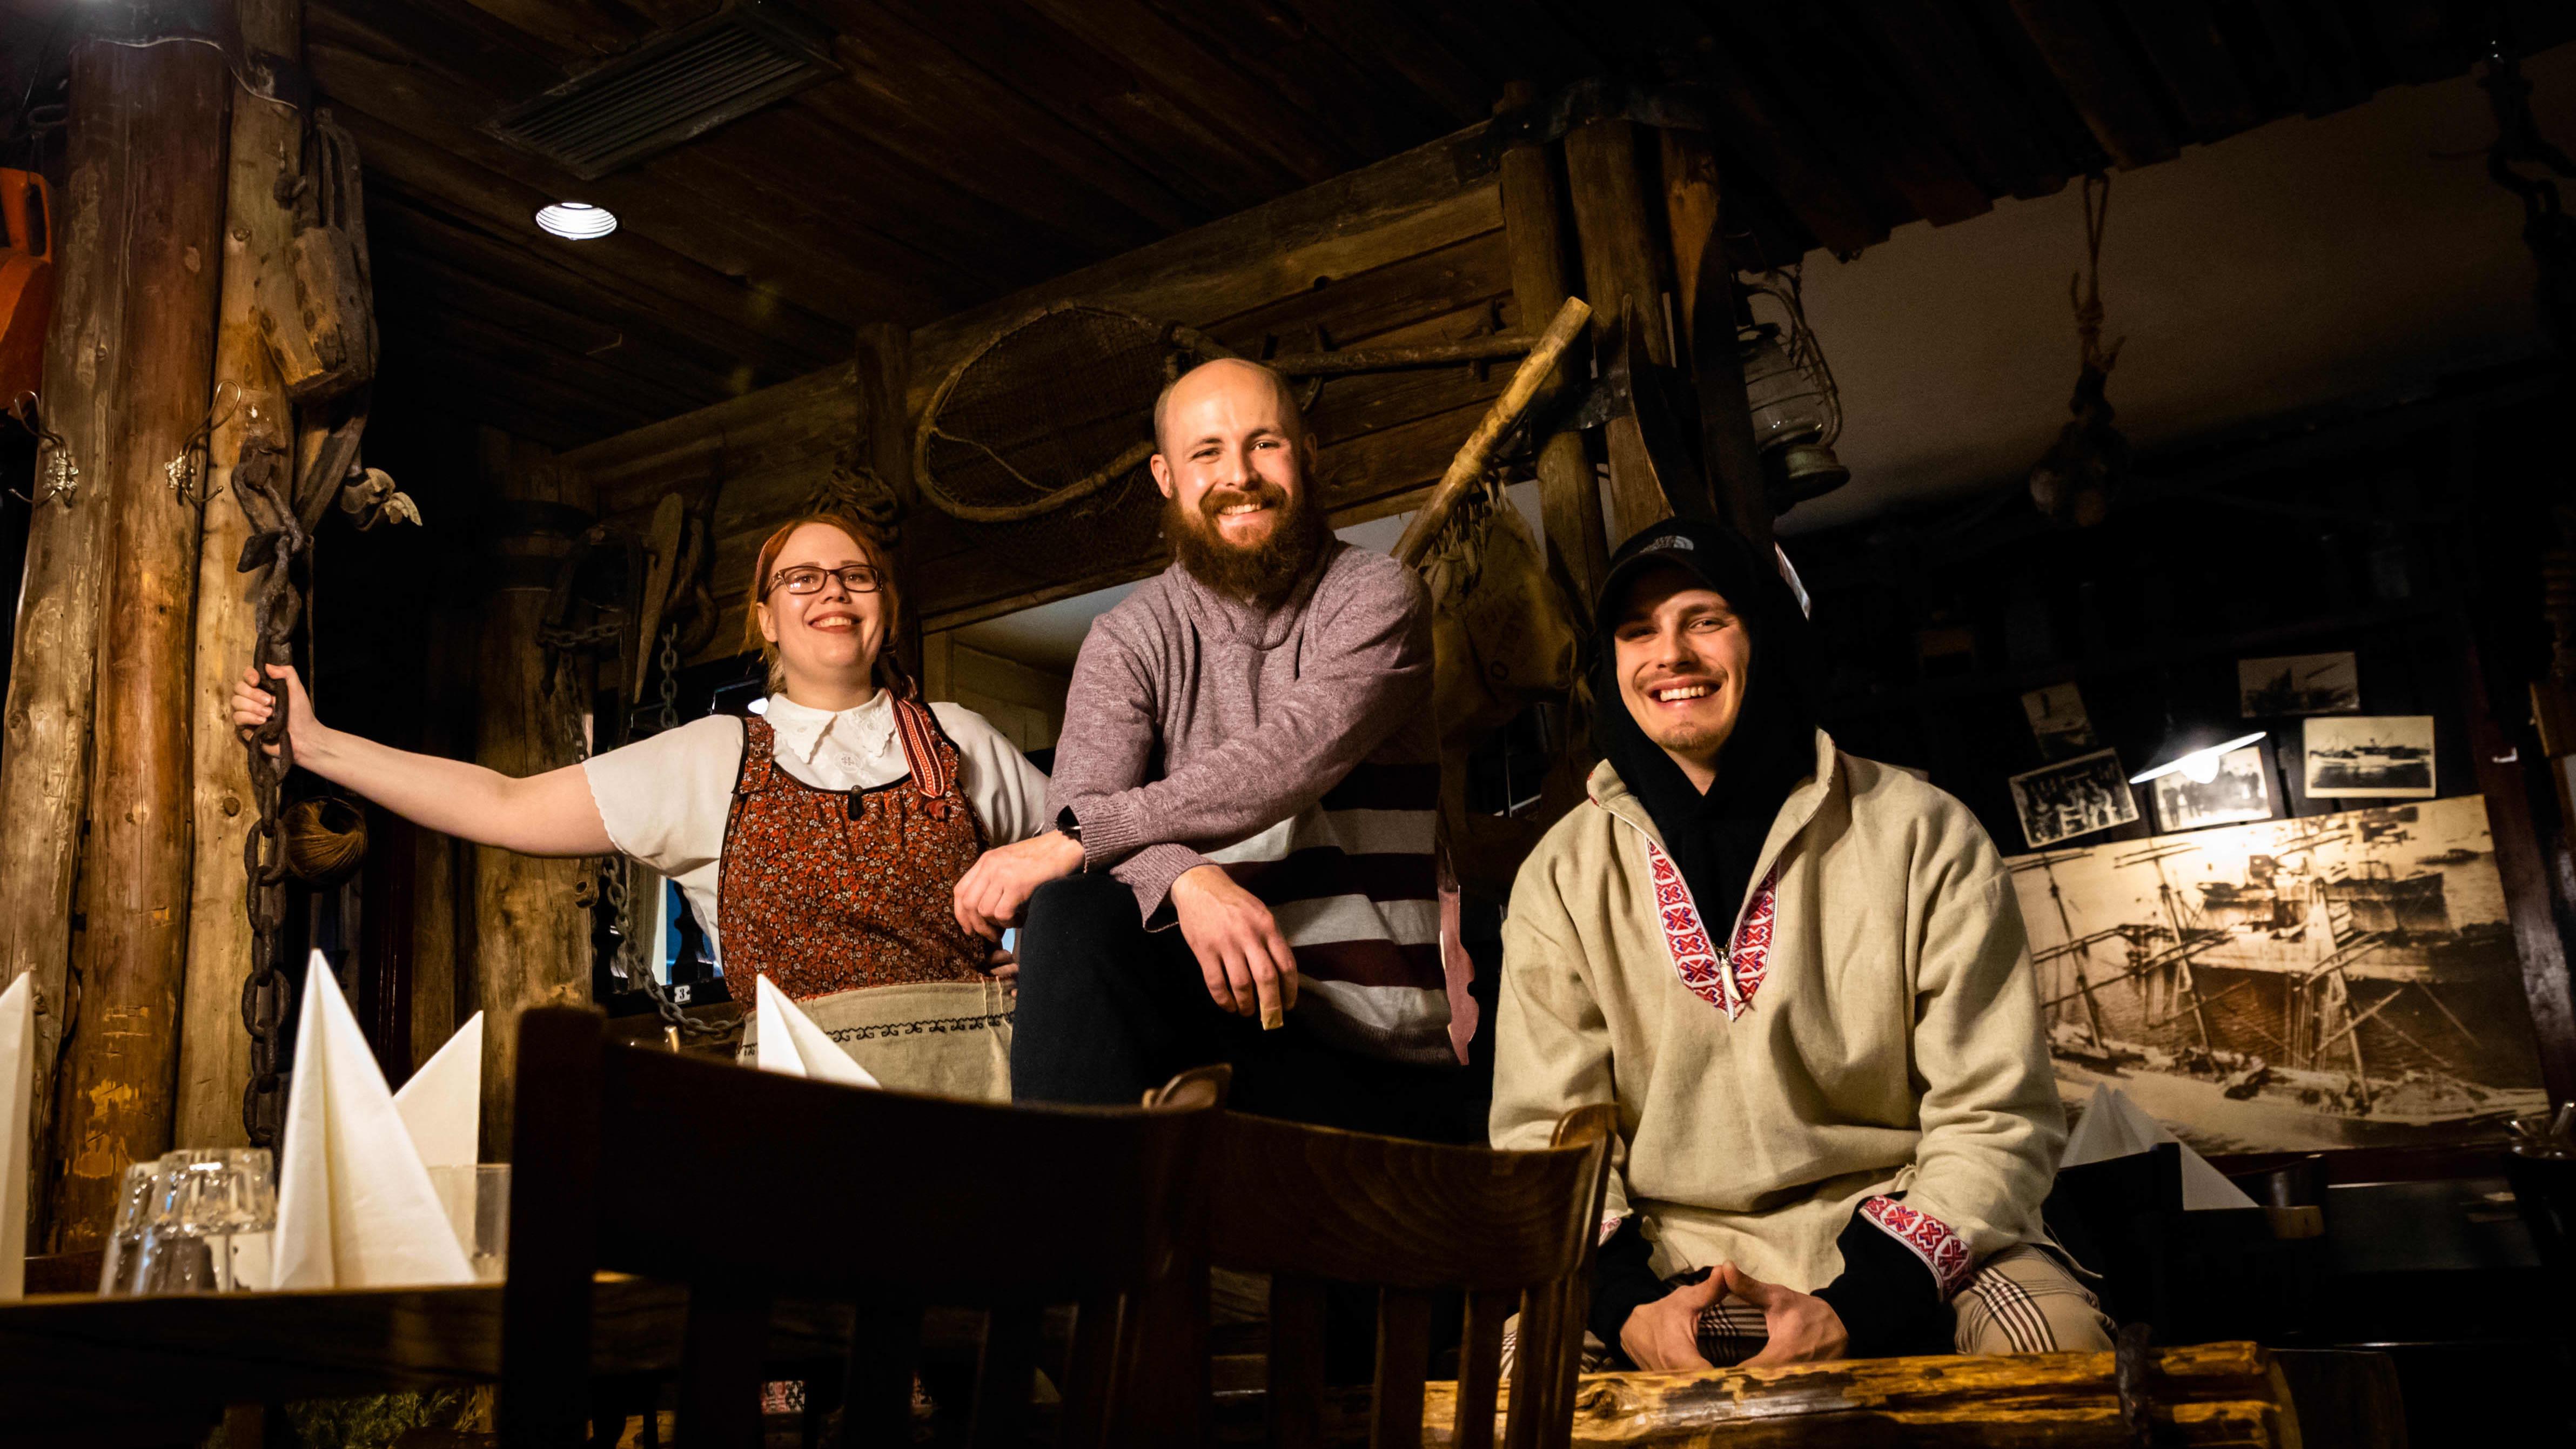 Ravintola Konstan möljä täytti tänä vuonna 40 vuotta. Kuvassa Konstan möljäön henkilökuntaa 15.10.2021.